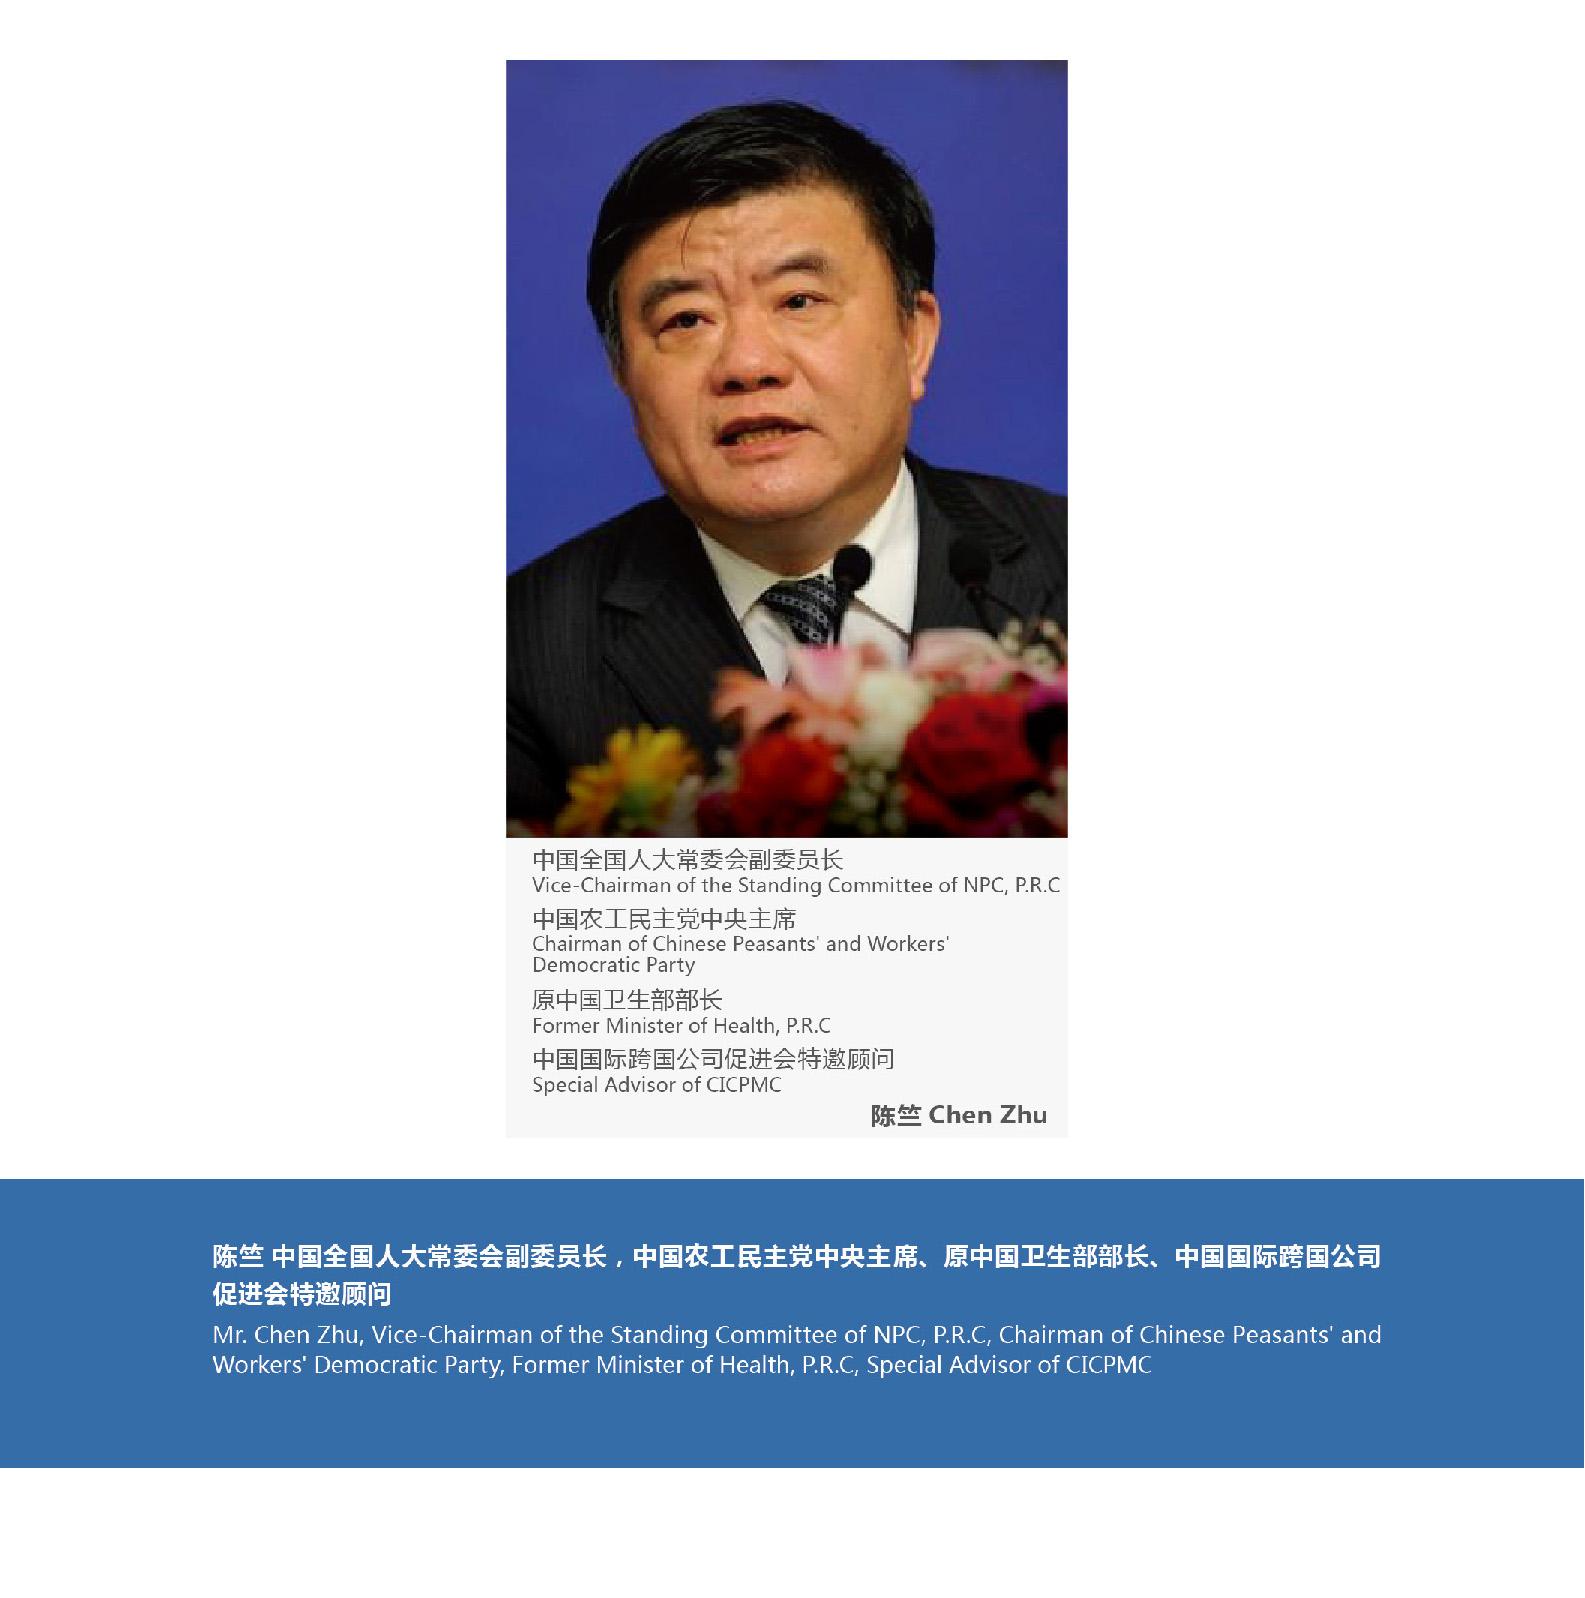 陈竺 中国全国人大常委会副委员长,中国农工民主党中央主席、原中国卫生部部长、中国国际跨国公司促进会特邀顾问